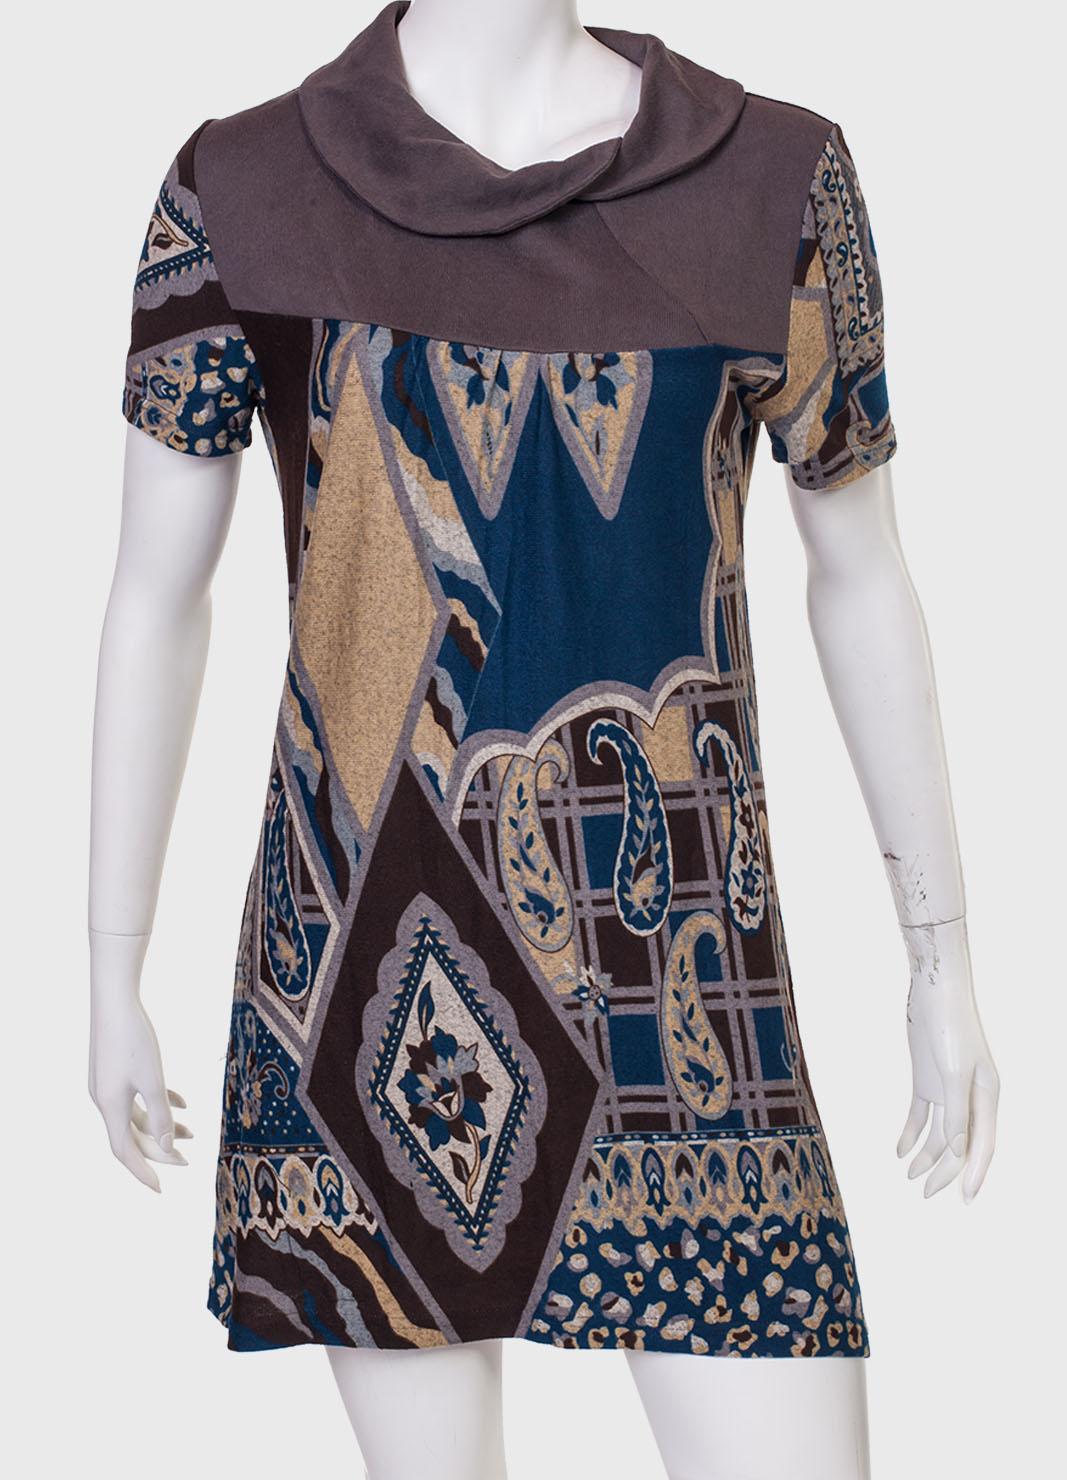 Купить неординарное платье с принтом от бренда  Z & L